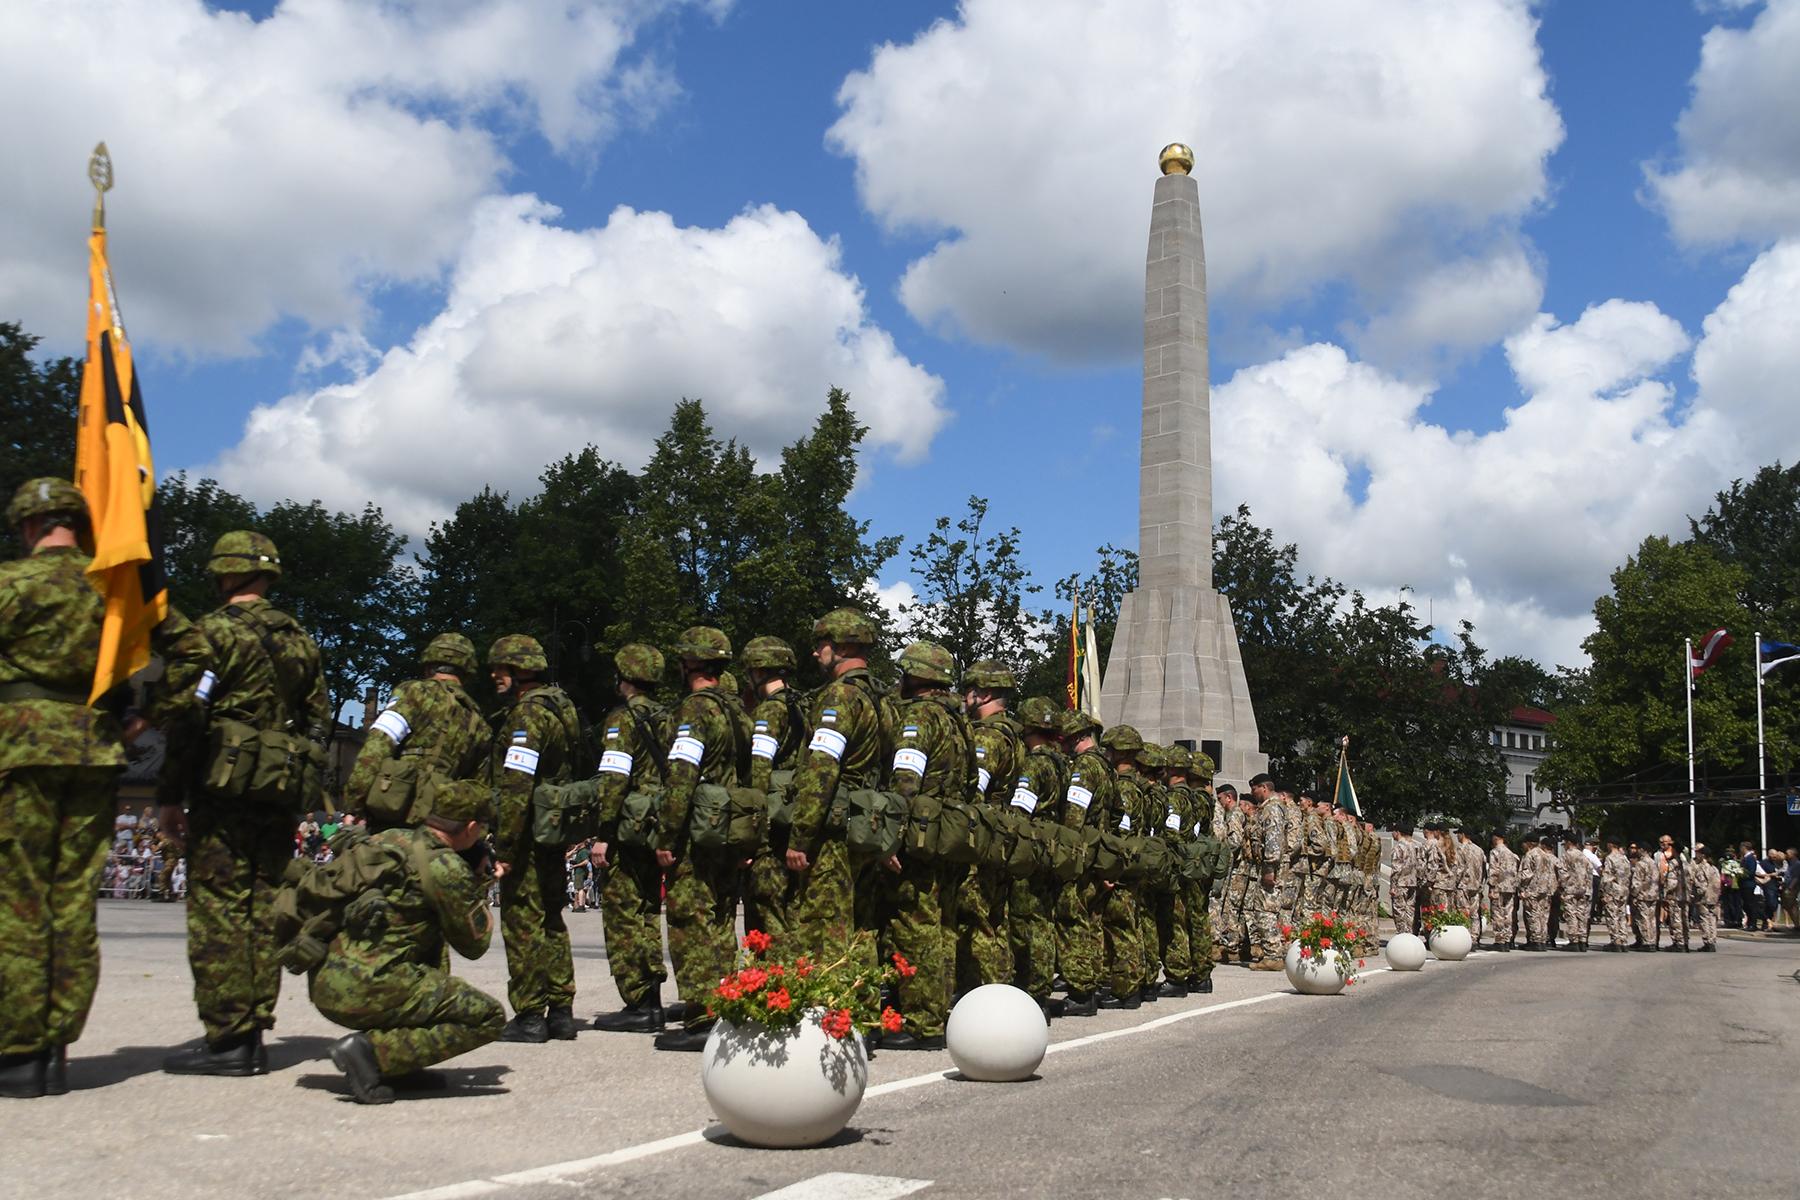 22. juunil tähistati Võnnu linnas saja aasta möödumist Eesti rahvaväe ühest suuremast ja tähenduslikumast võidust Vabadussõjas – Võnnu lahingust. Foto Urmas Saard